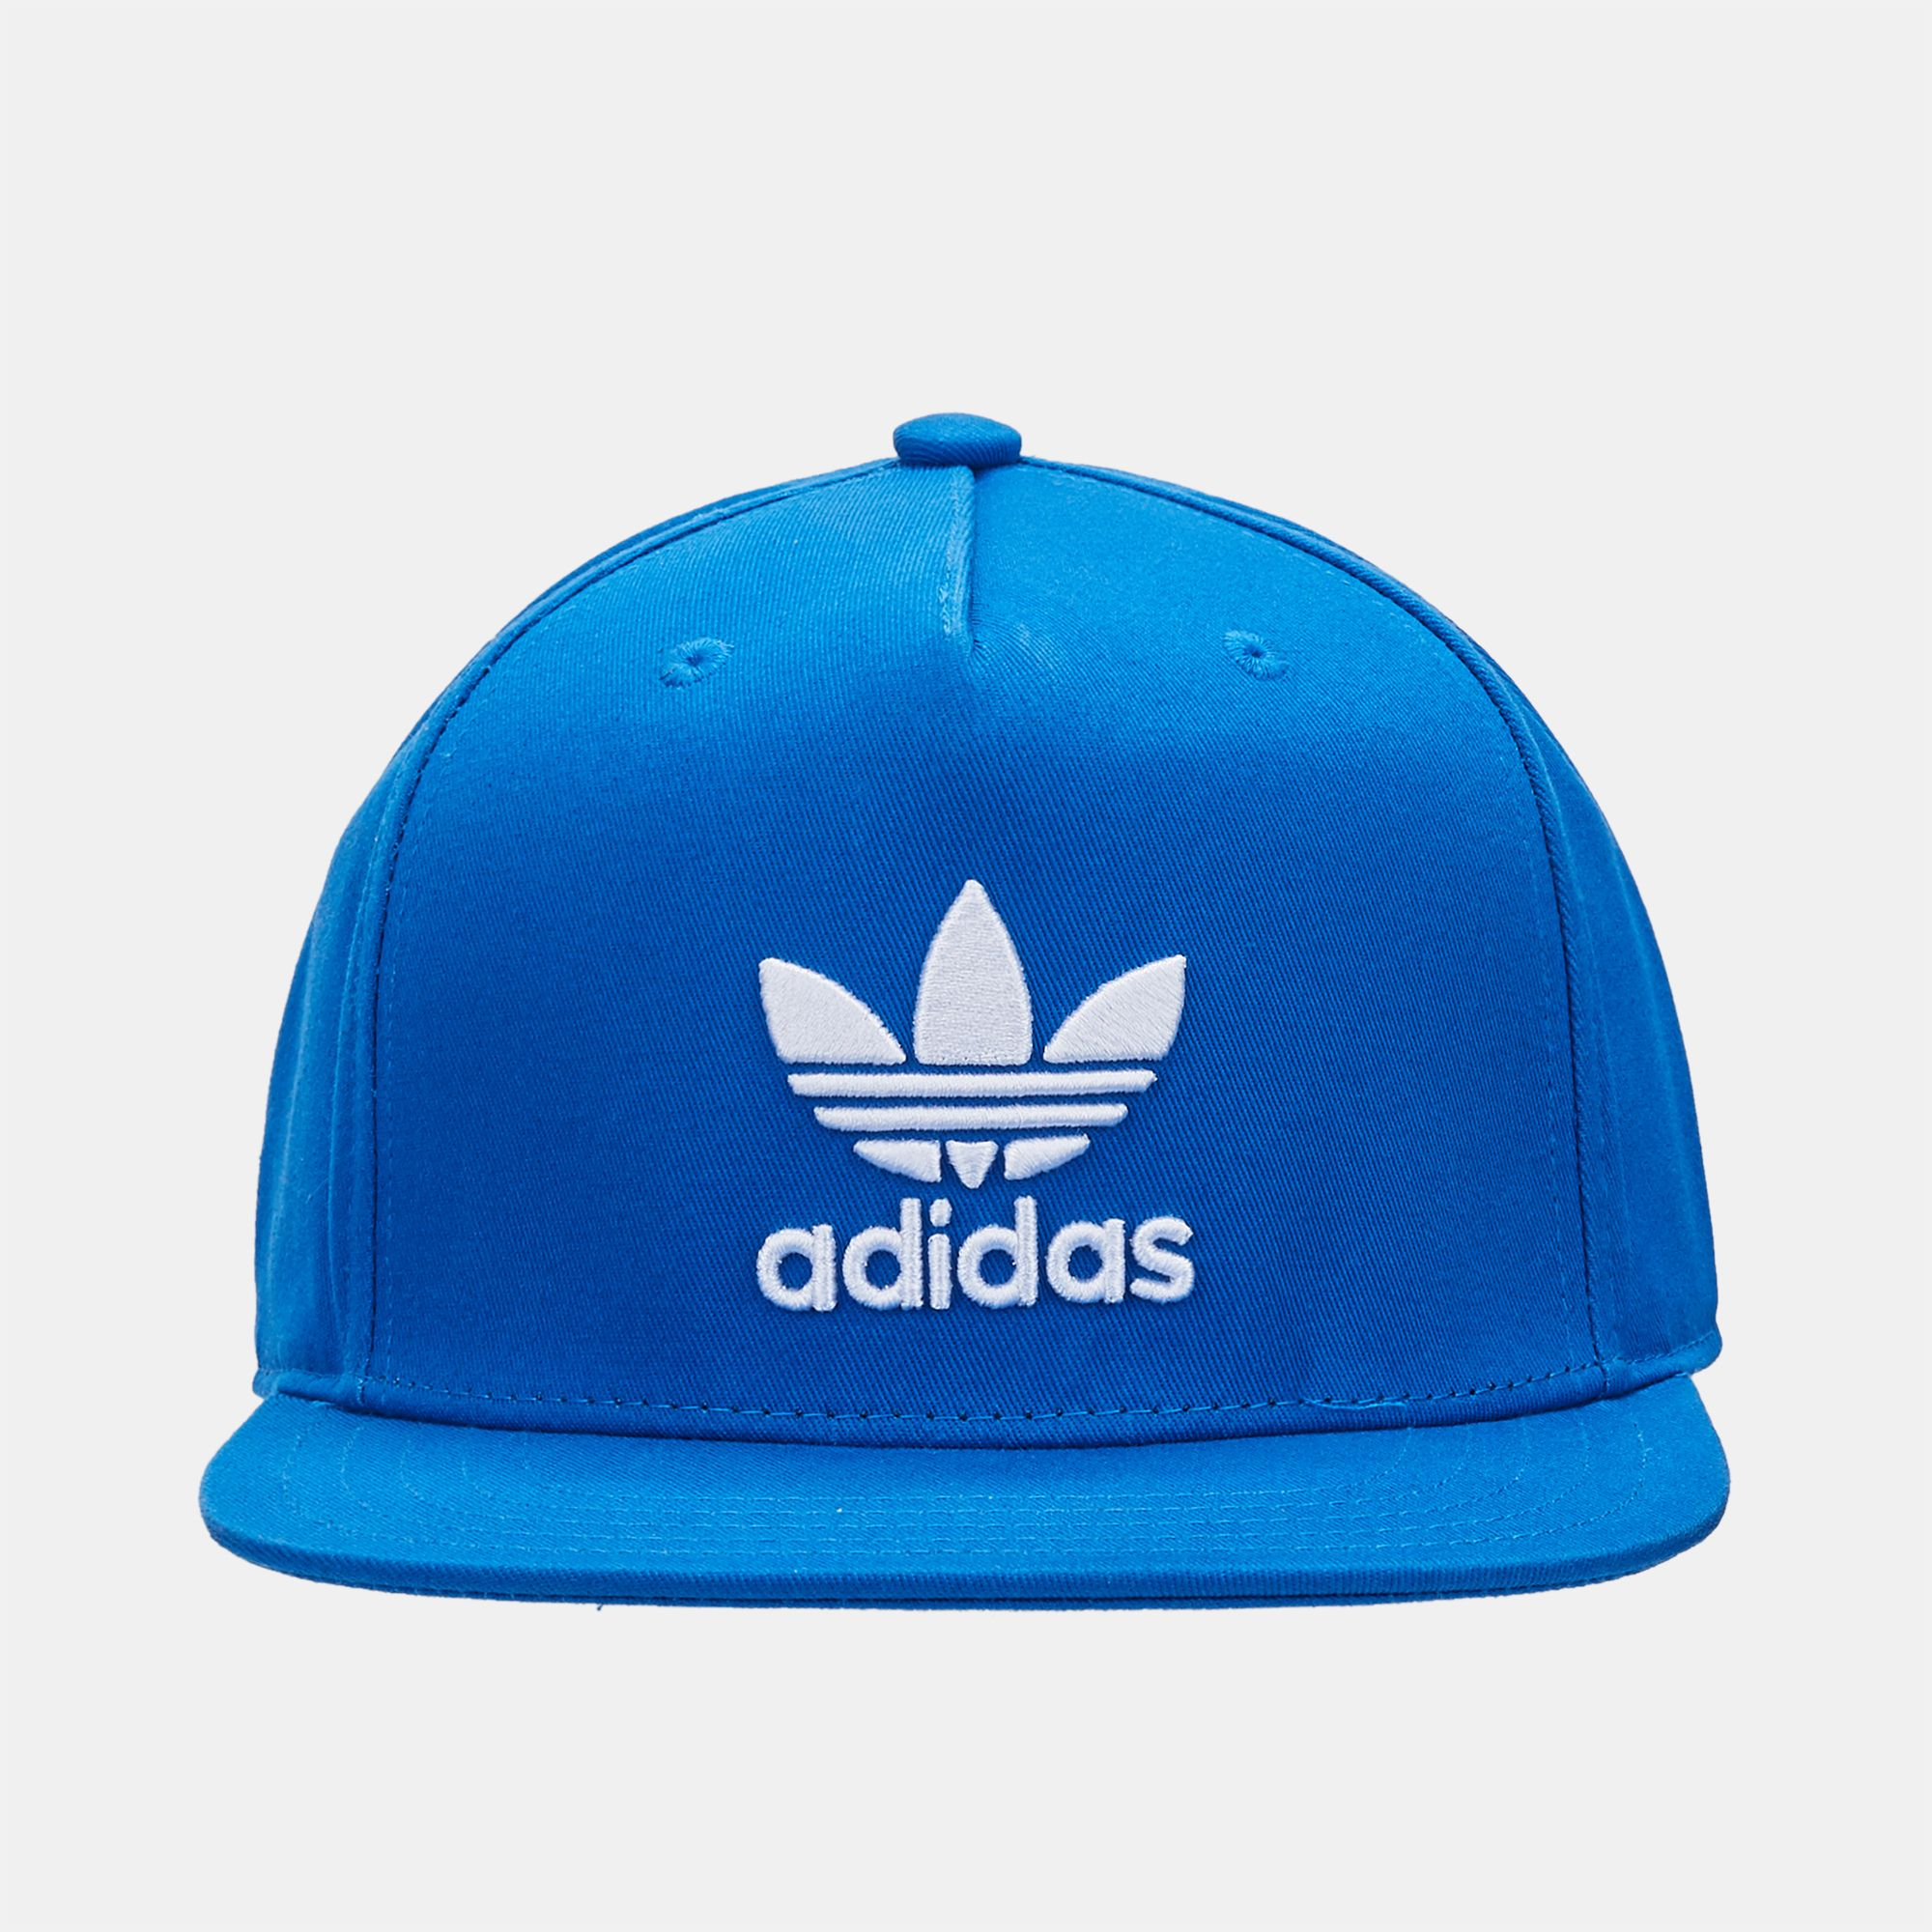 Shop Blue adidas Originals Flat Cap for Unisex by adidas Originals  8ad7b57d60b